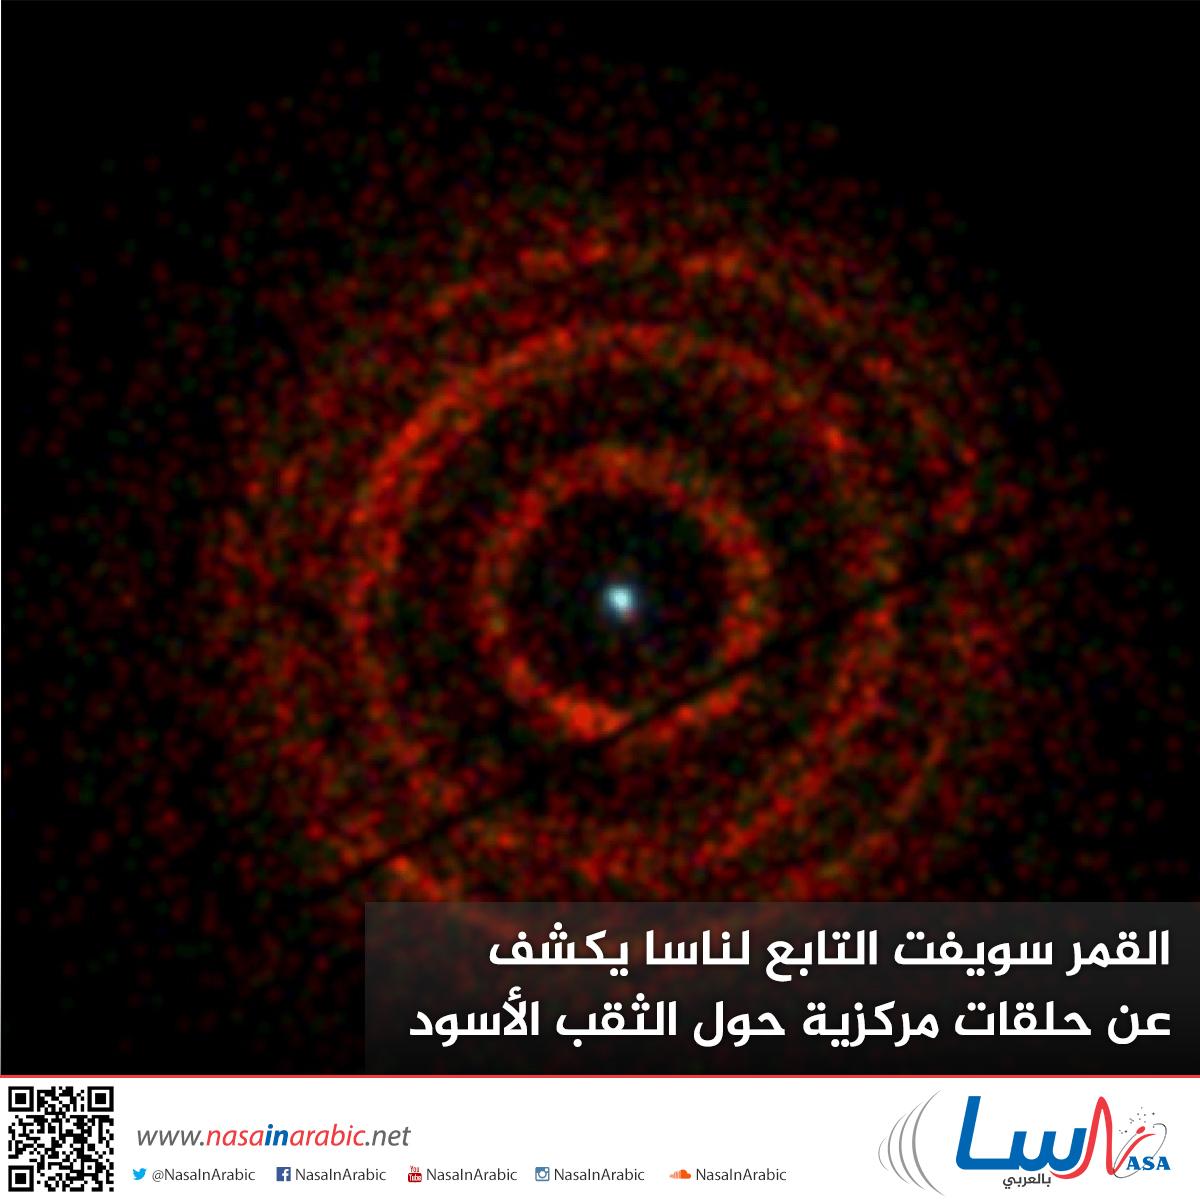 القمر سويفت التابع لناسا يكشف عن حلقات مركزية حول الثقب الأسود